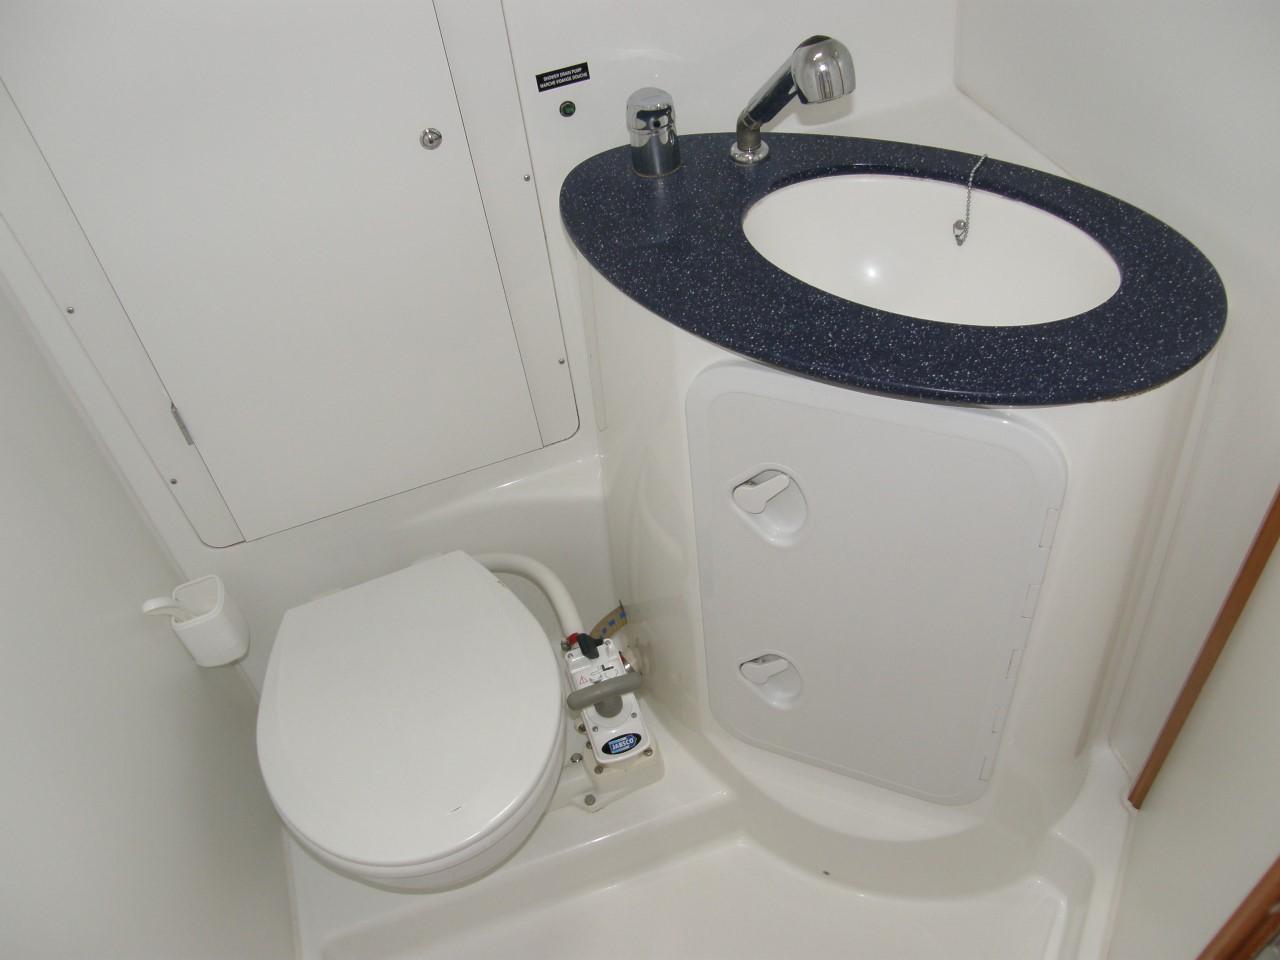 Cyclades 50.5 Interior Toilet